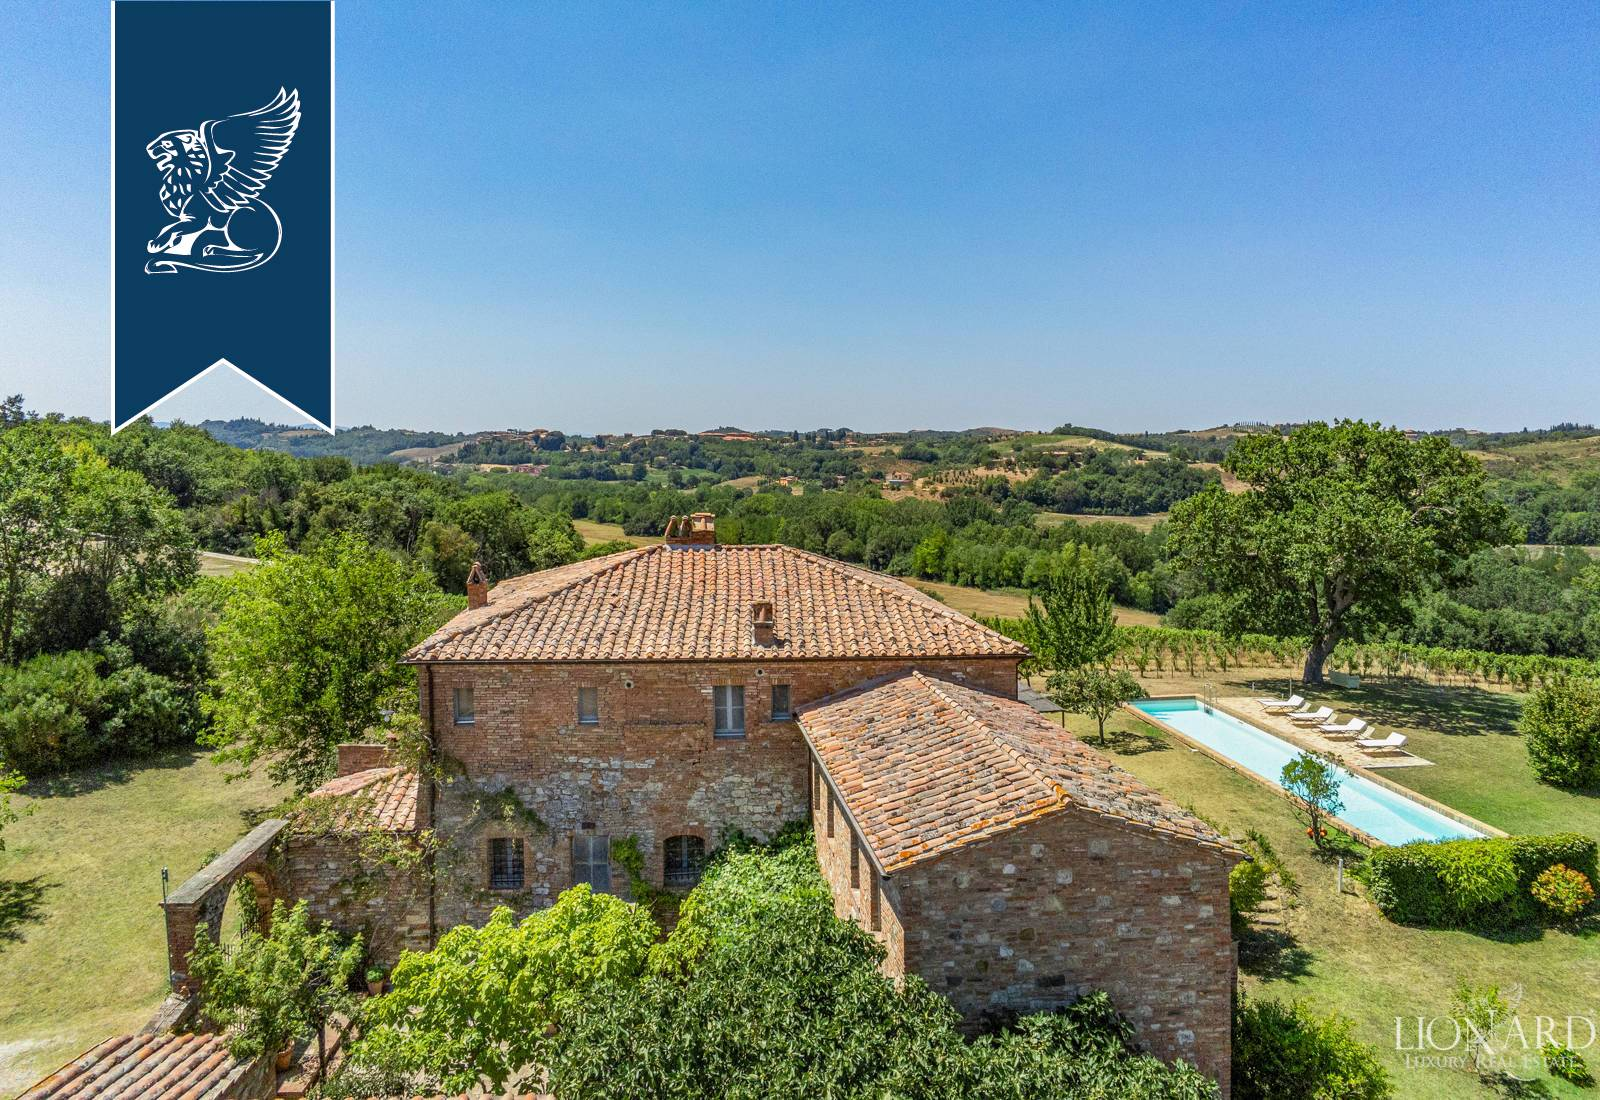 Azienda in Vendita a Montalcino: 0 locali, 1410 mq - Foto 6